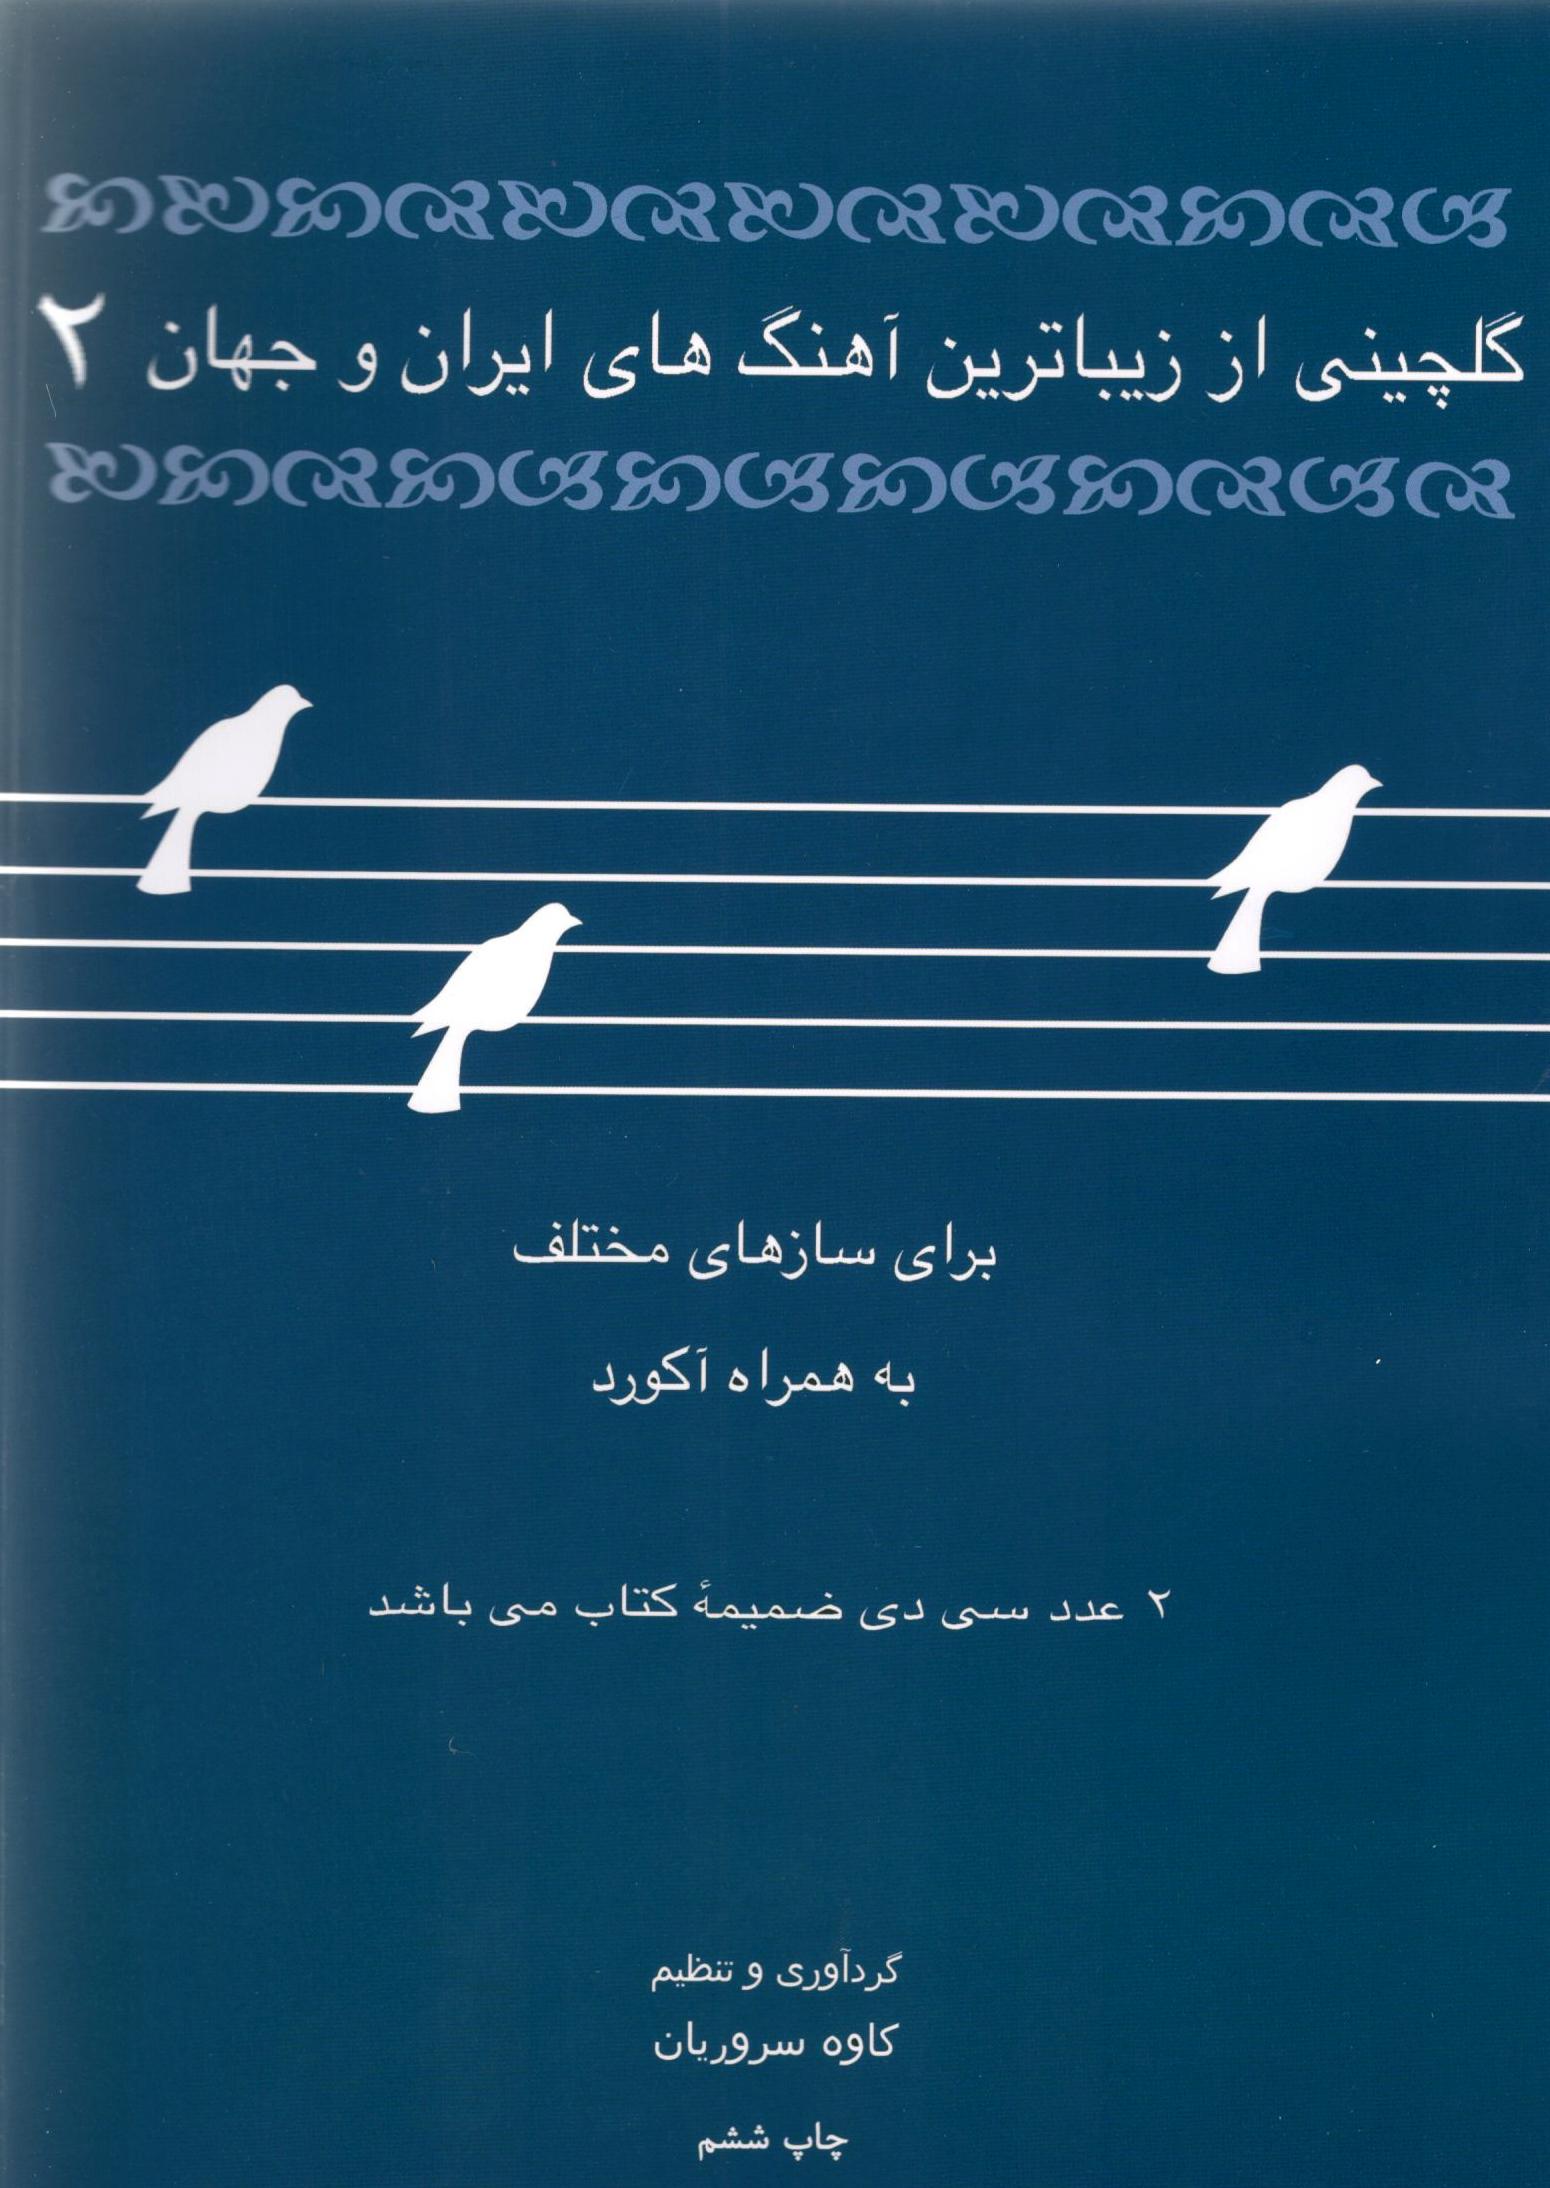 گلچینی از زیباترین آهنگ های ایران و  جهان 2 کاوه سروریان